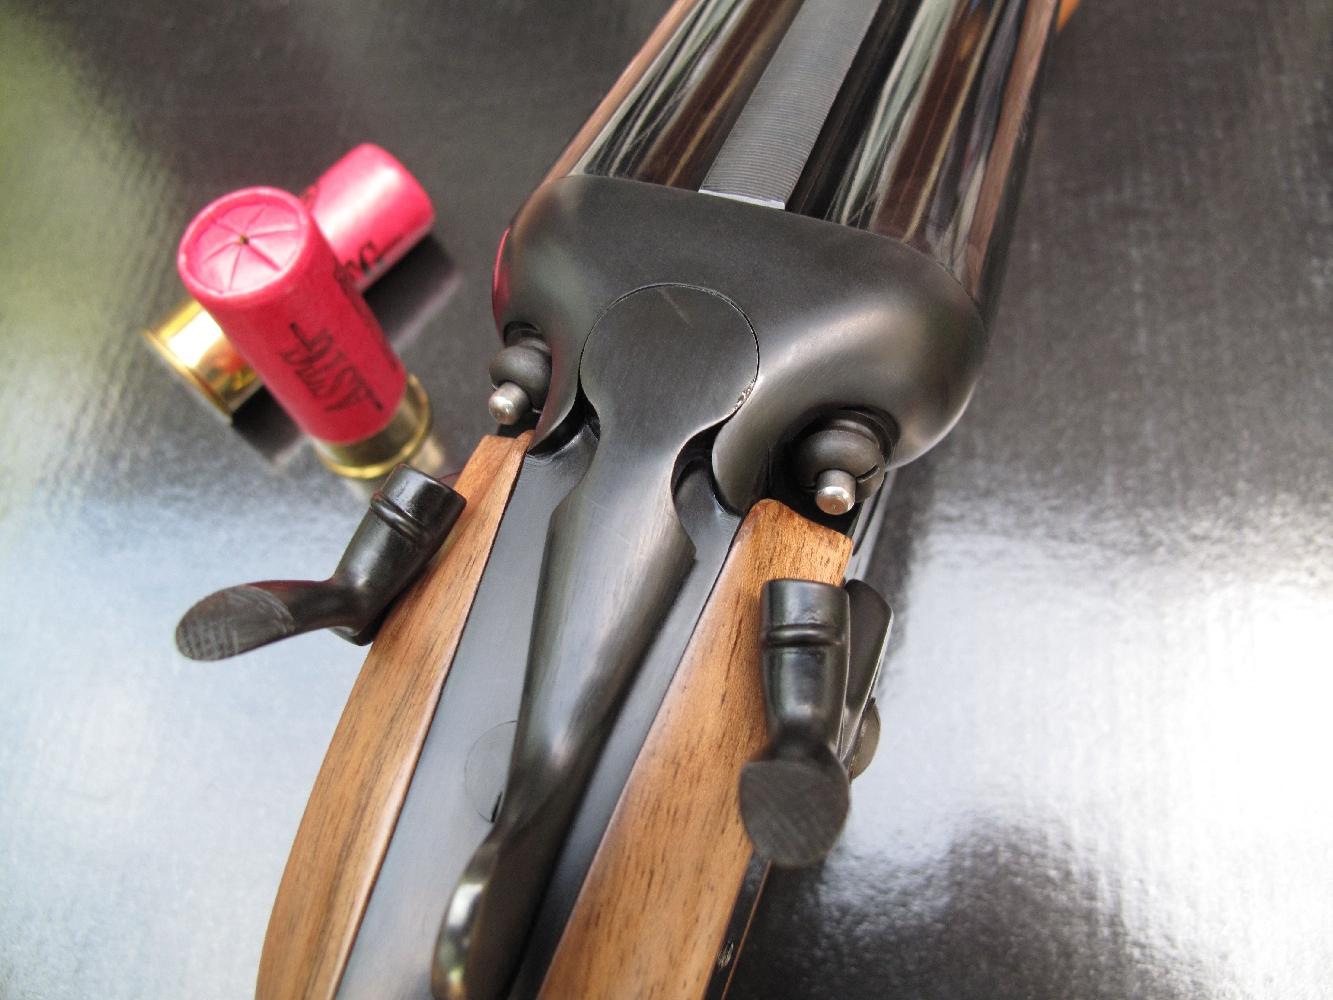 La platine à chiens et percuteurs externes permet de visualiser instantanément si le fusil est prêt à faire feu, comme c'est le cas ici avec les deux chiens au cran d'armé.